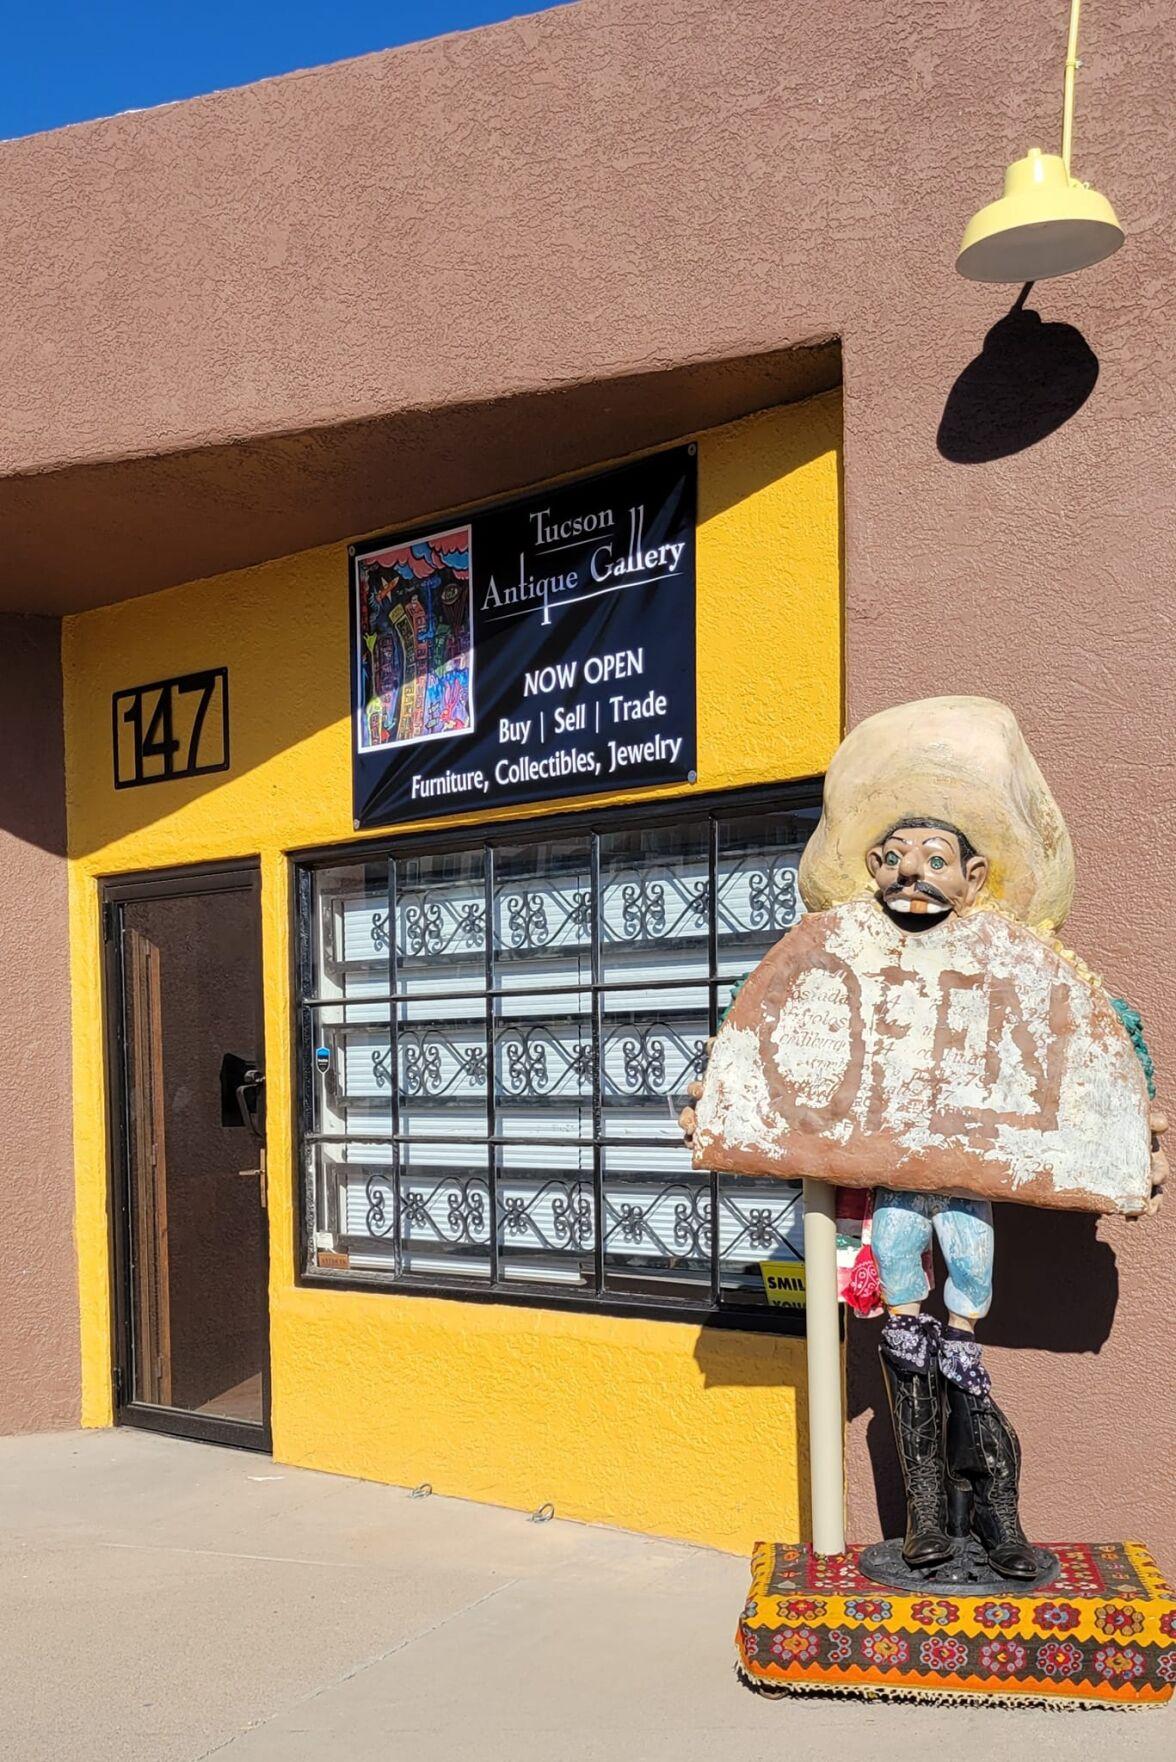 Tucson Antique Gallery